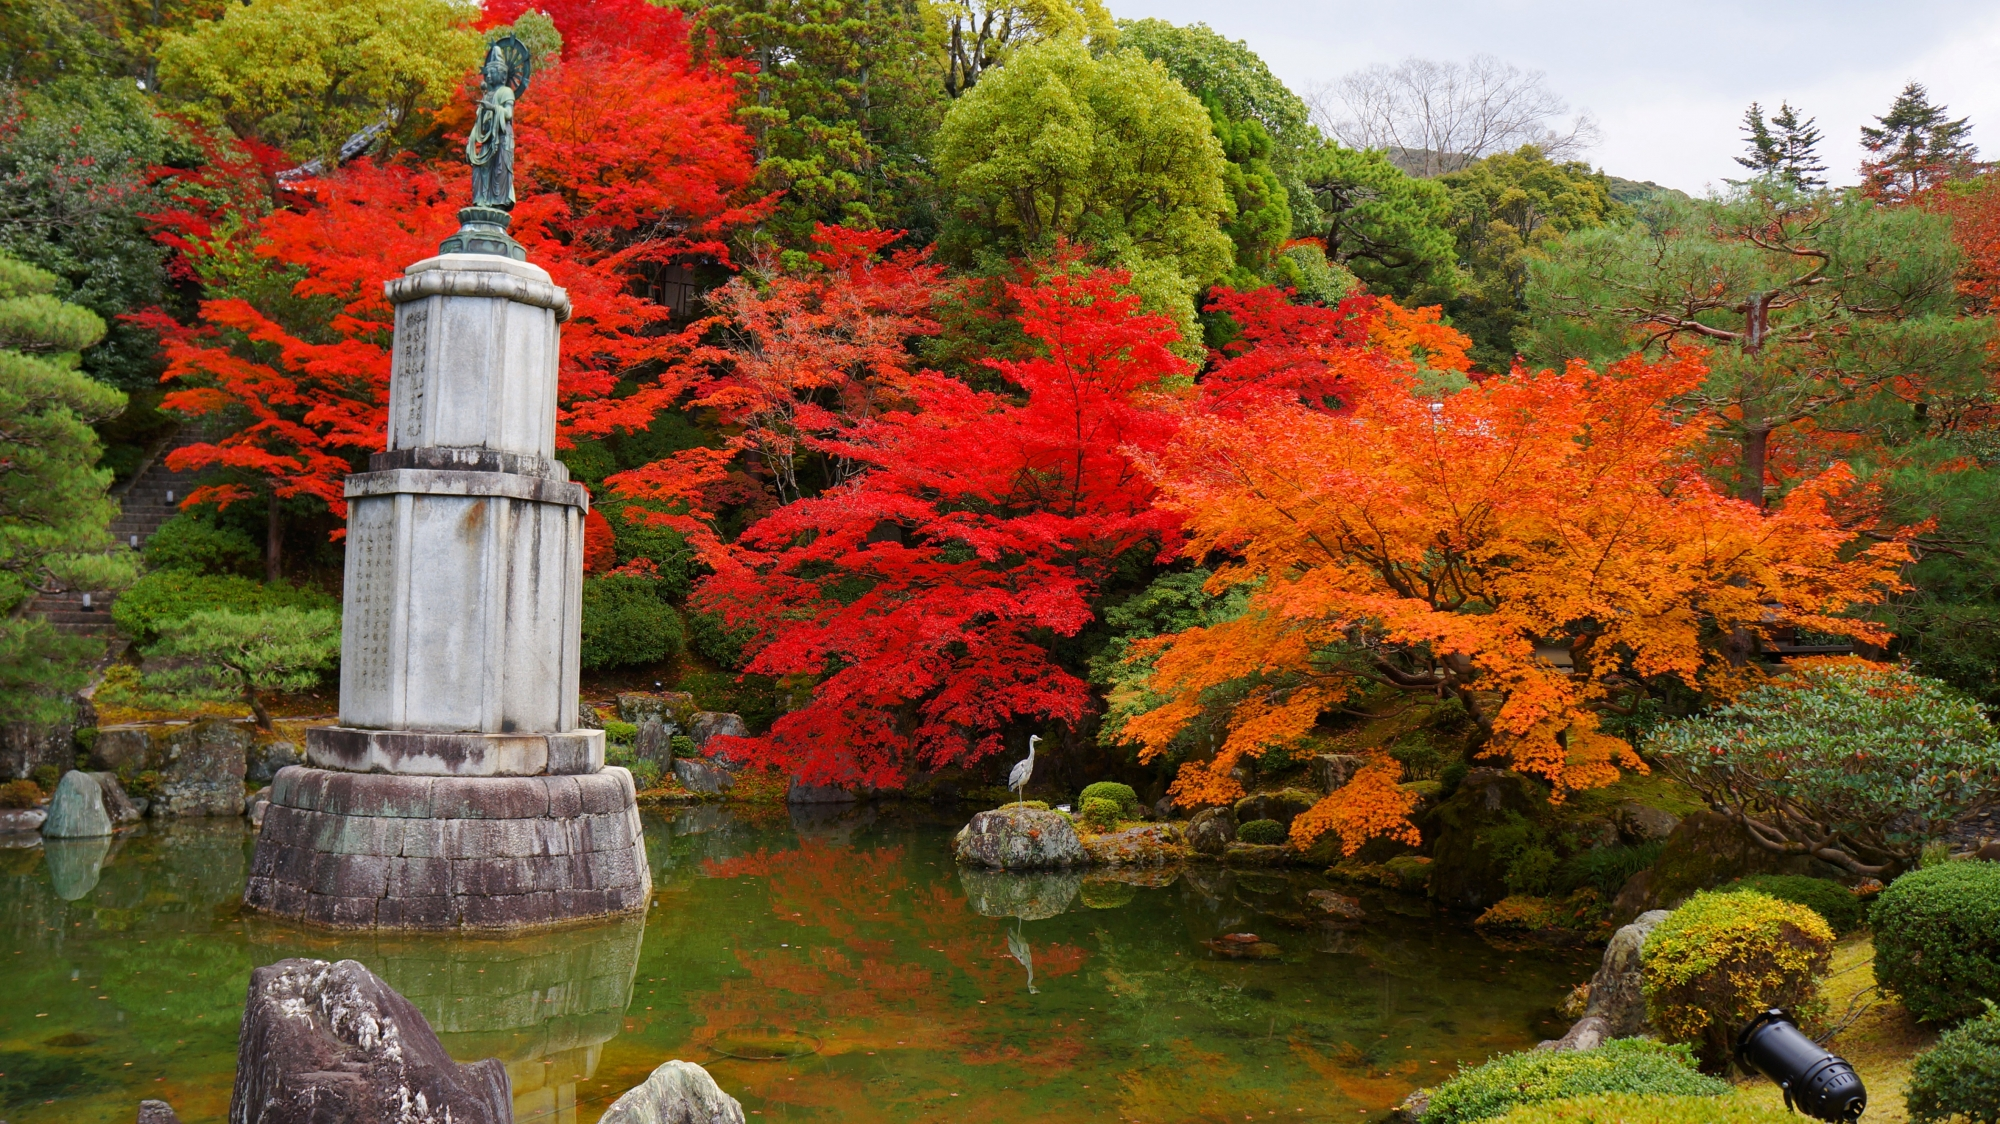 秋の知恩院友禅苑の極上の彩り